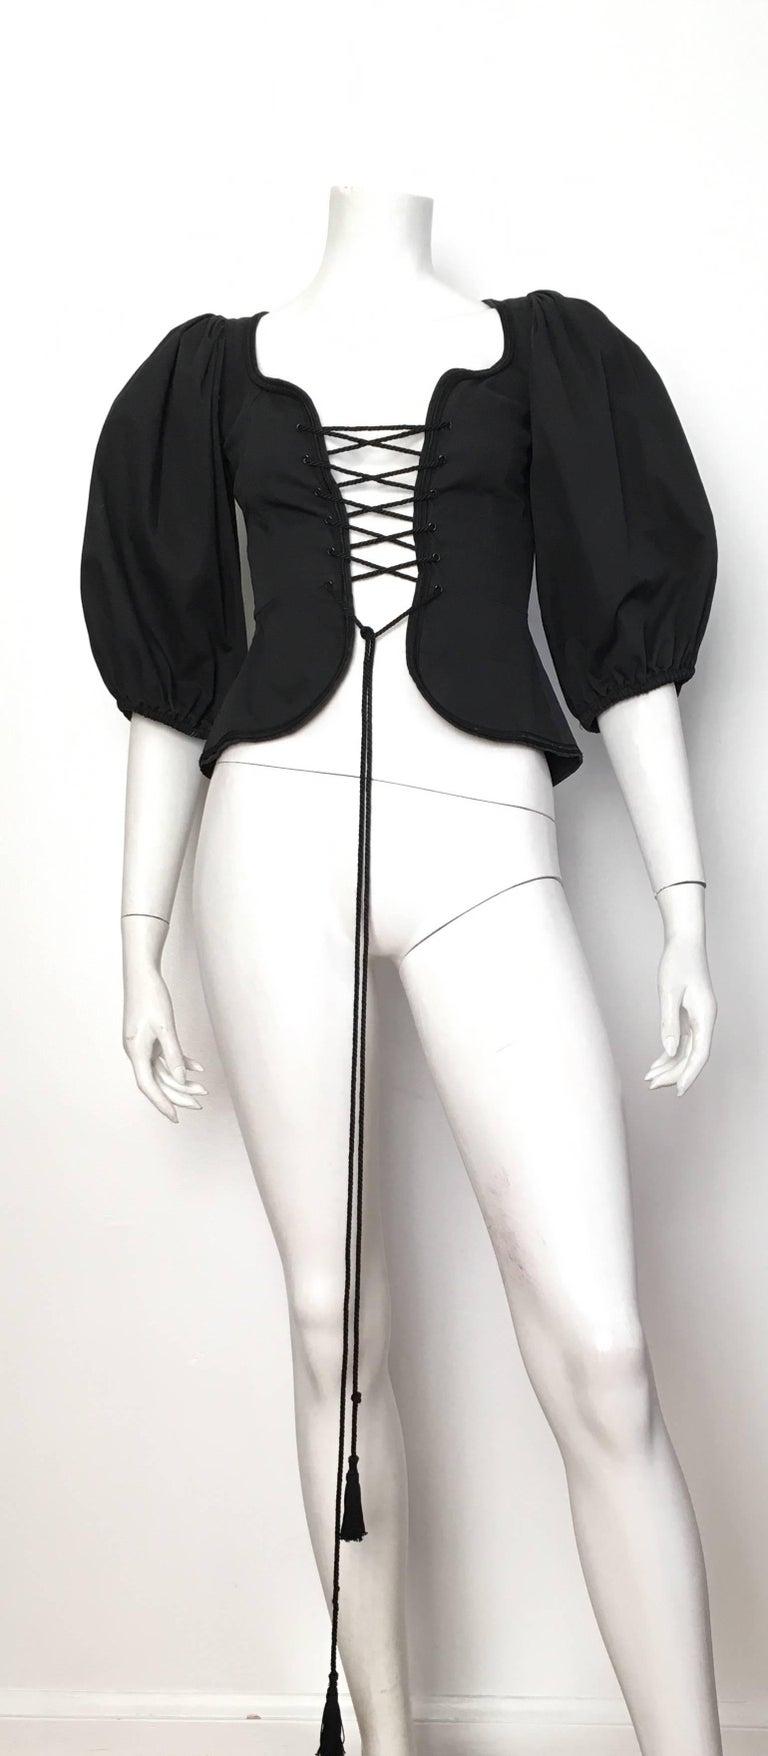 Women's or Men's Saint Laurent Rive Gauche Russian Collection Corset Lace Top Size 0 / 2, 1976  For Sale